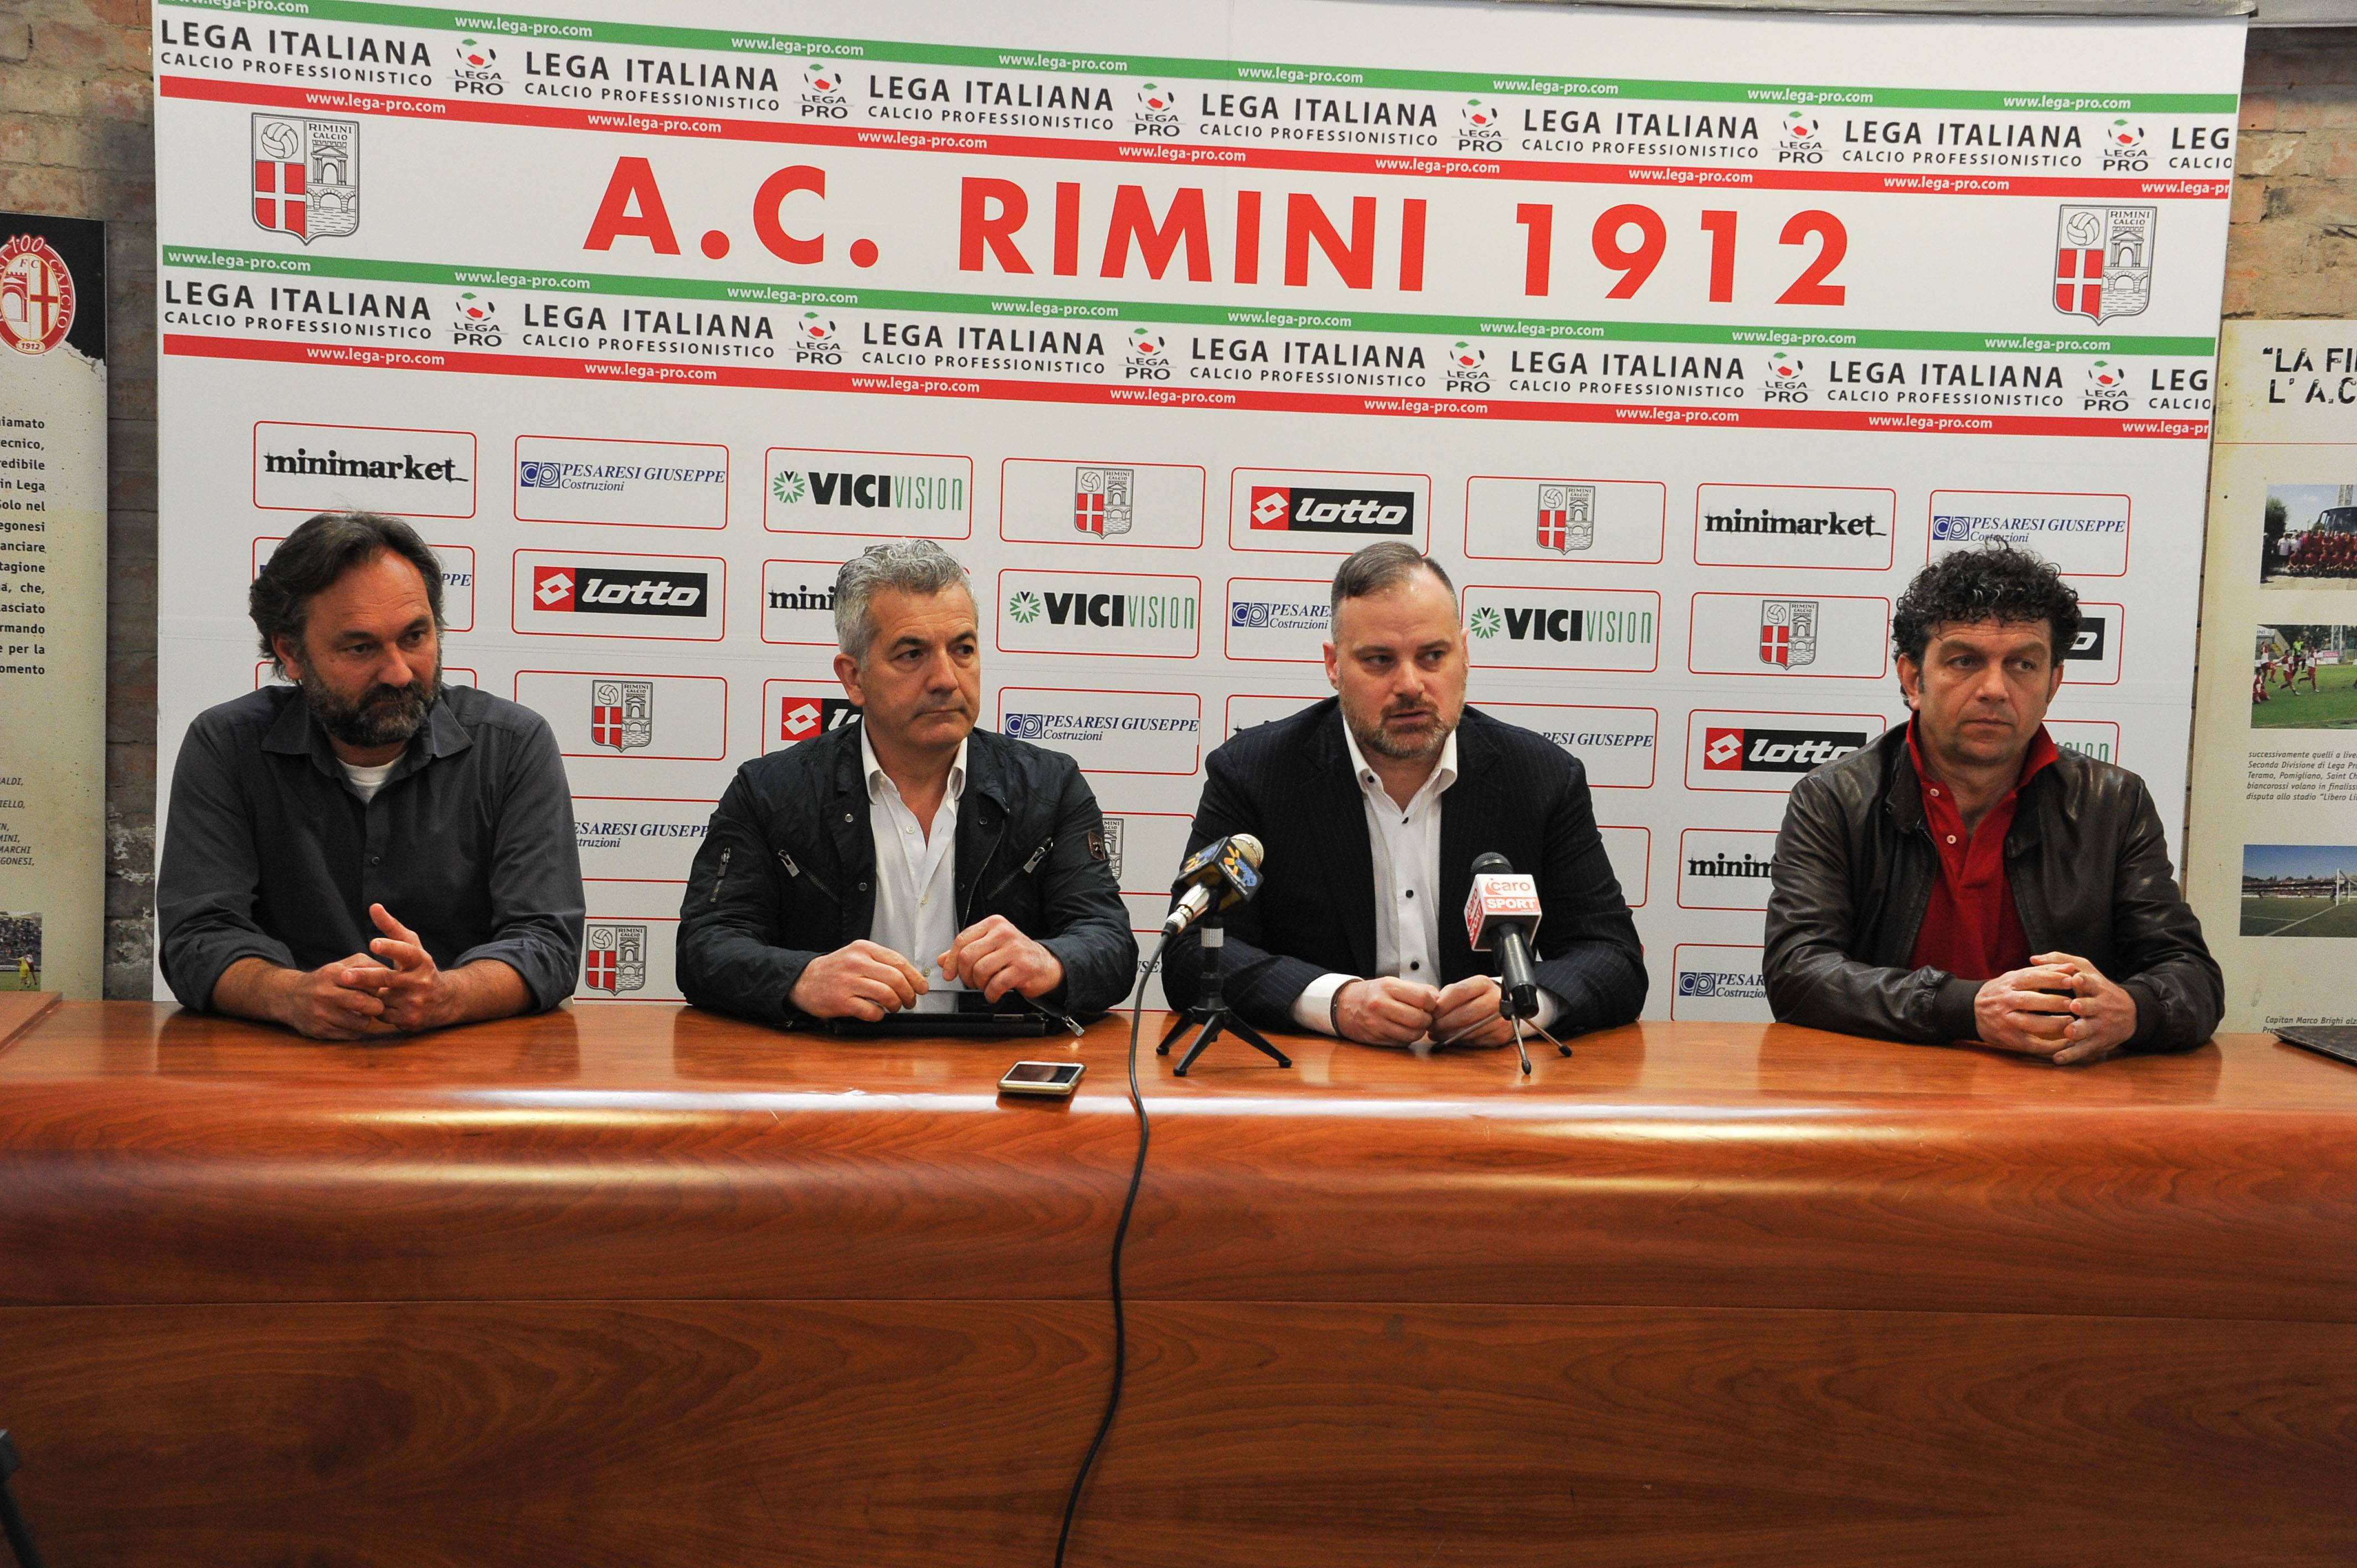 Calcio Per Bambini Rimini : Calcio giovanile il rimini si aggiudica il esimo torneo fya